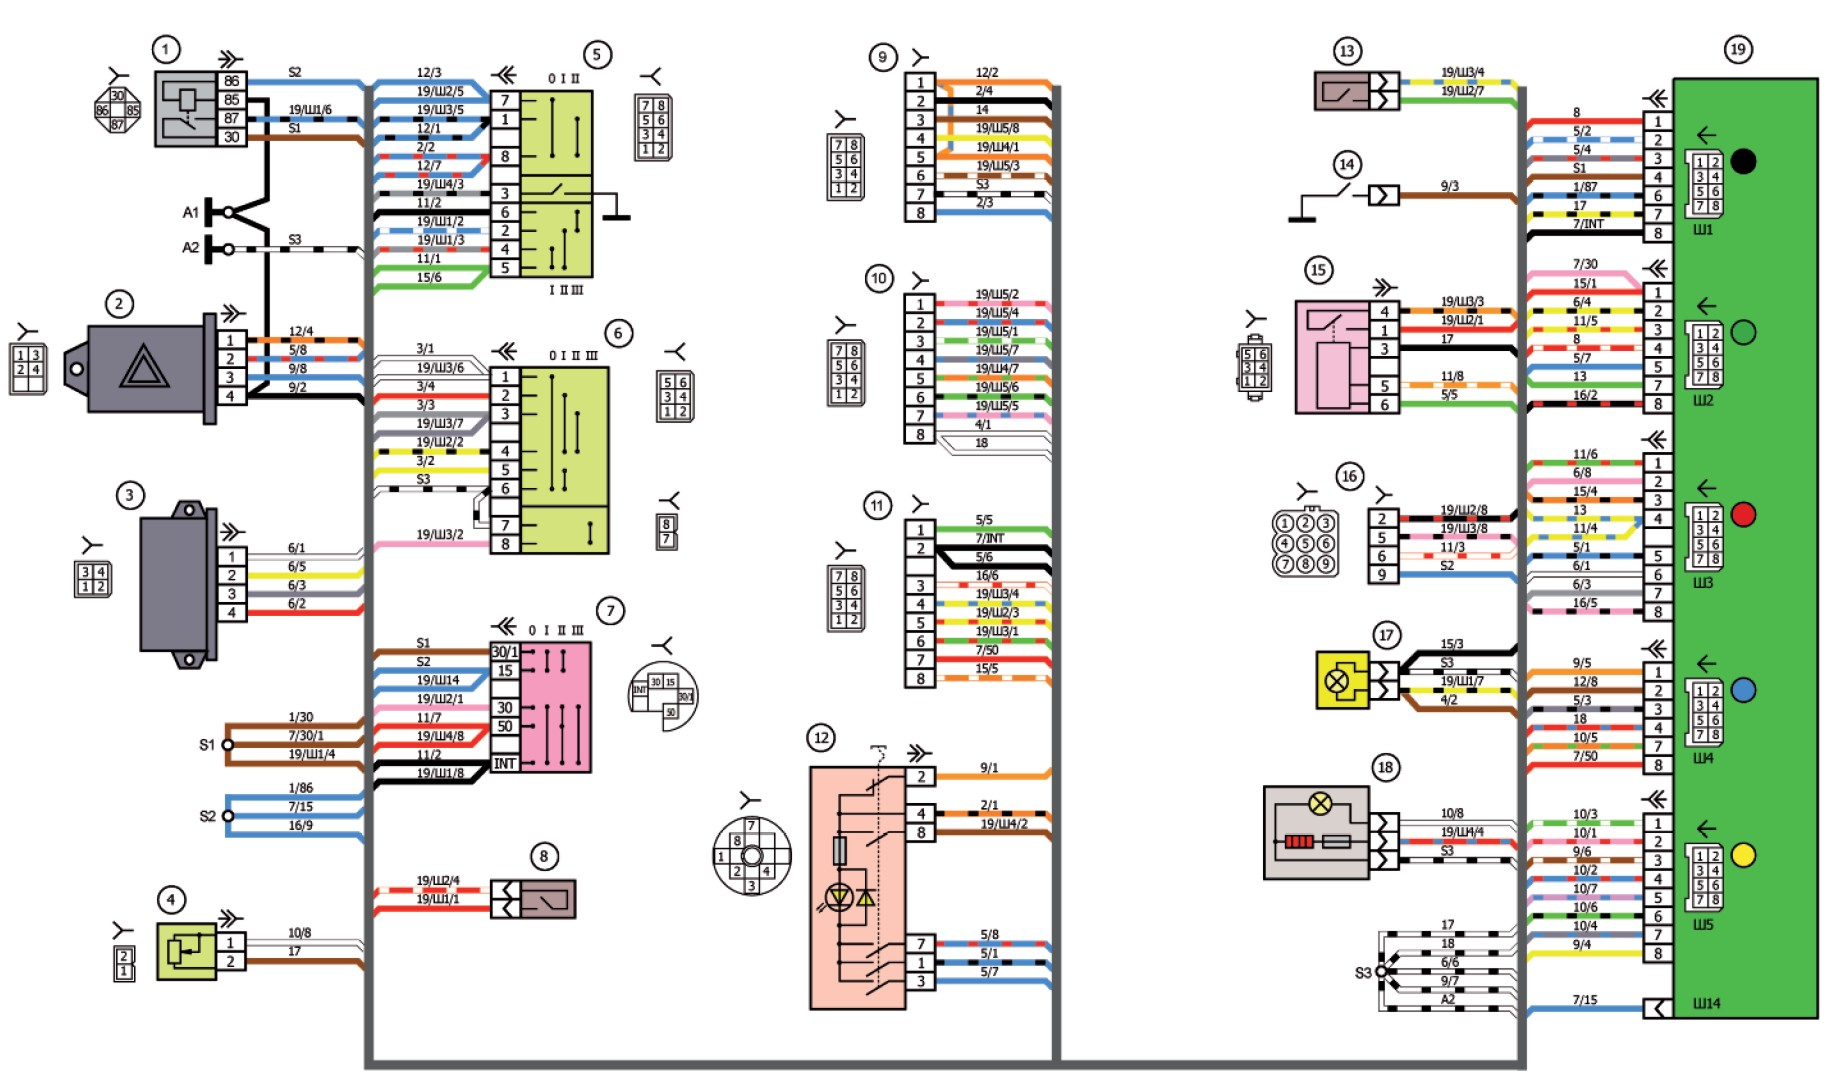 инструкция для хендай старекс скачать в pdf